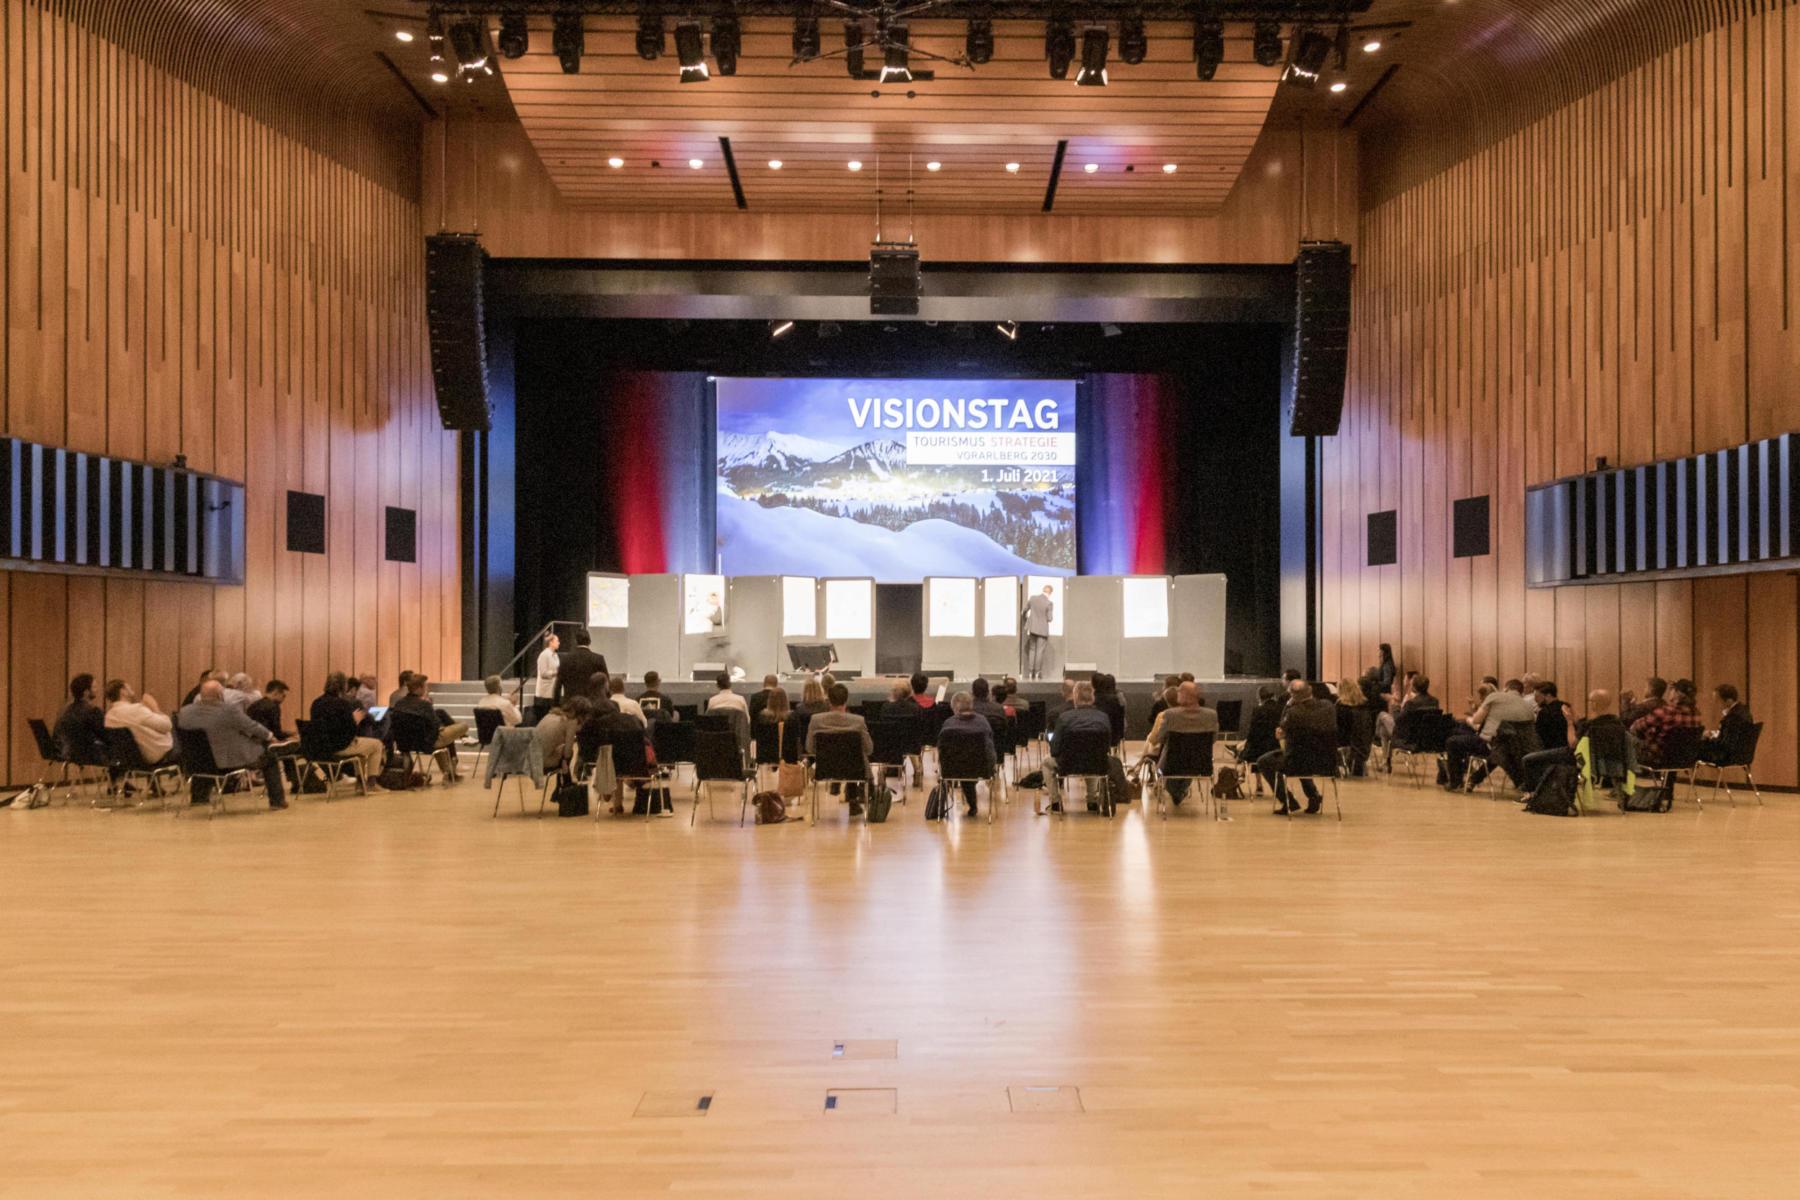 """Panograf 20210701 024 1800x1200 - Visionstag der Vorarlberger Tourismus-Branche: """"Tourismus neu denken"""""""